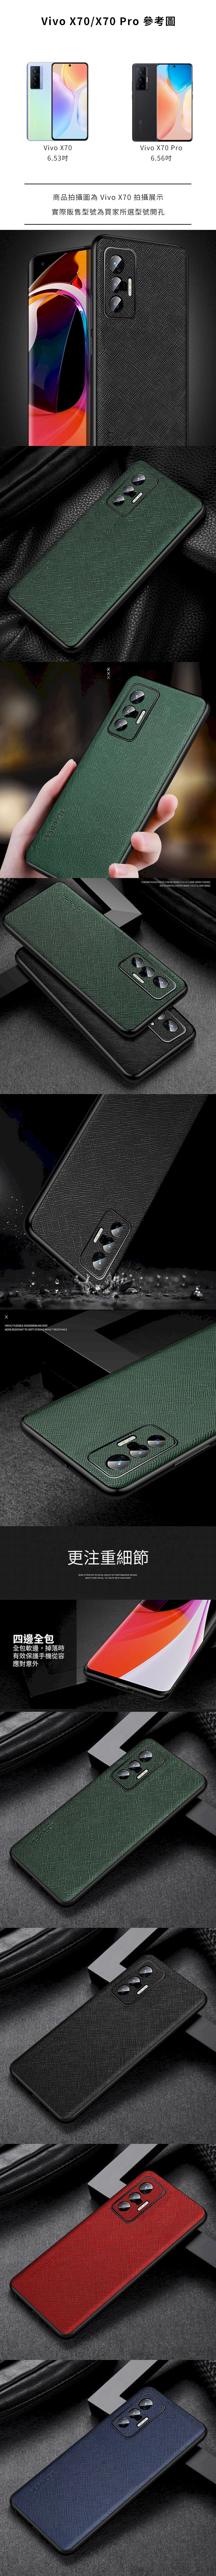 保護殼(INCLUSIVE) - 牛皮真皮手機殼貼皮十字紋背蓋